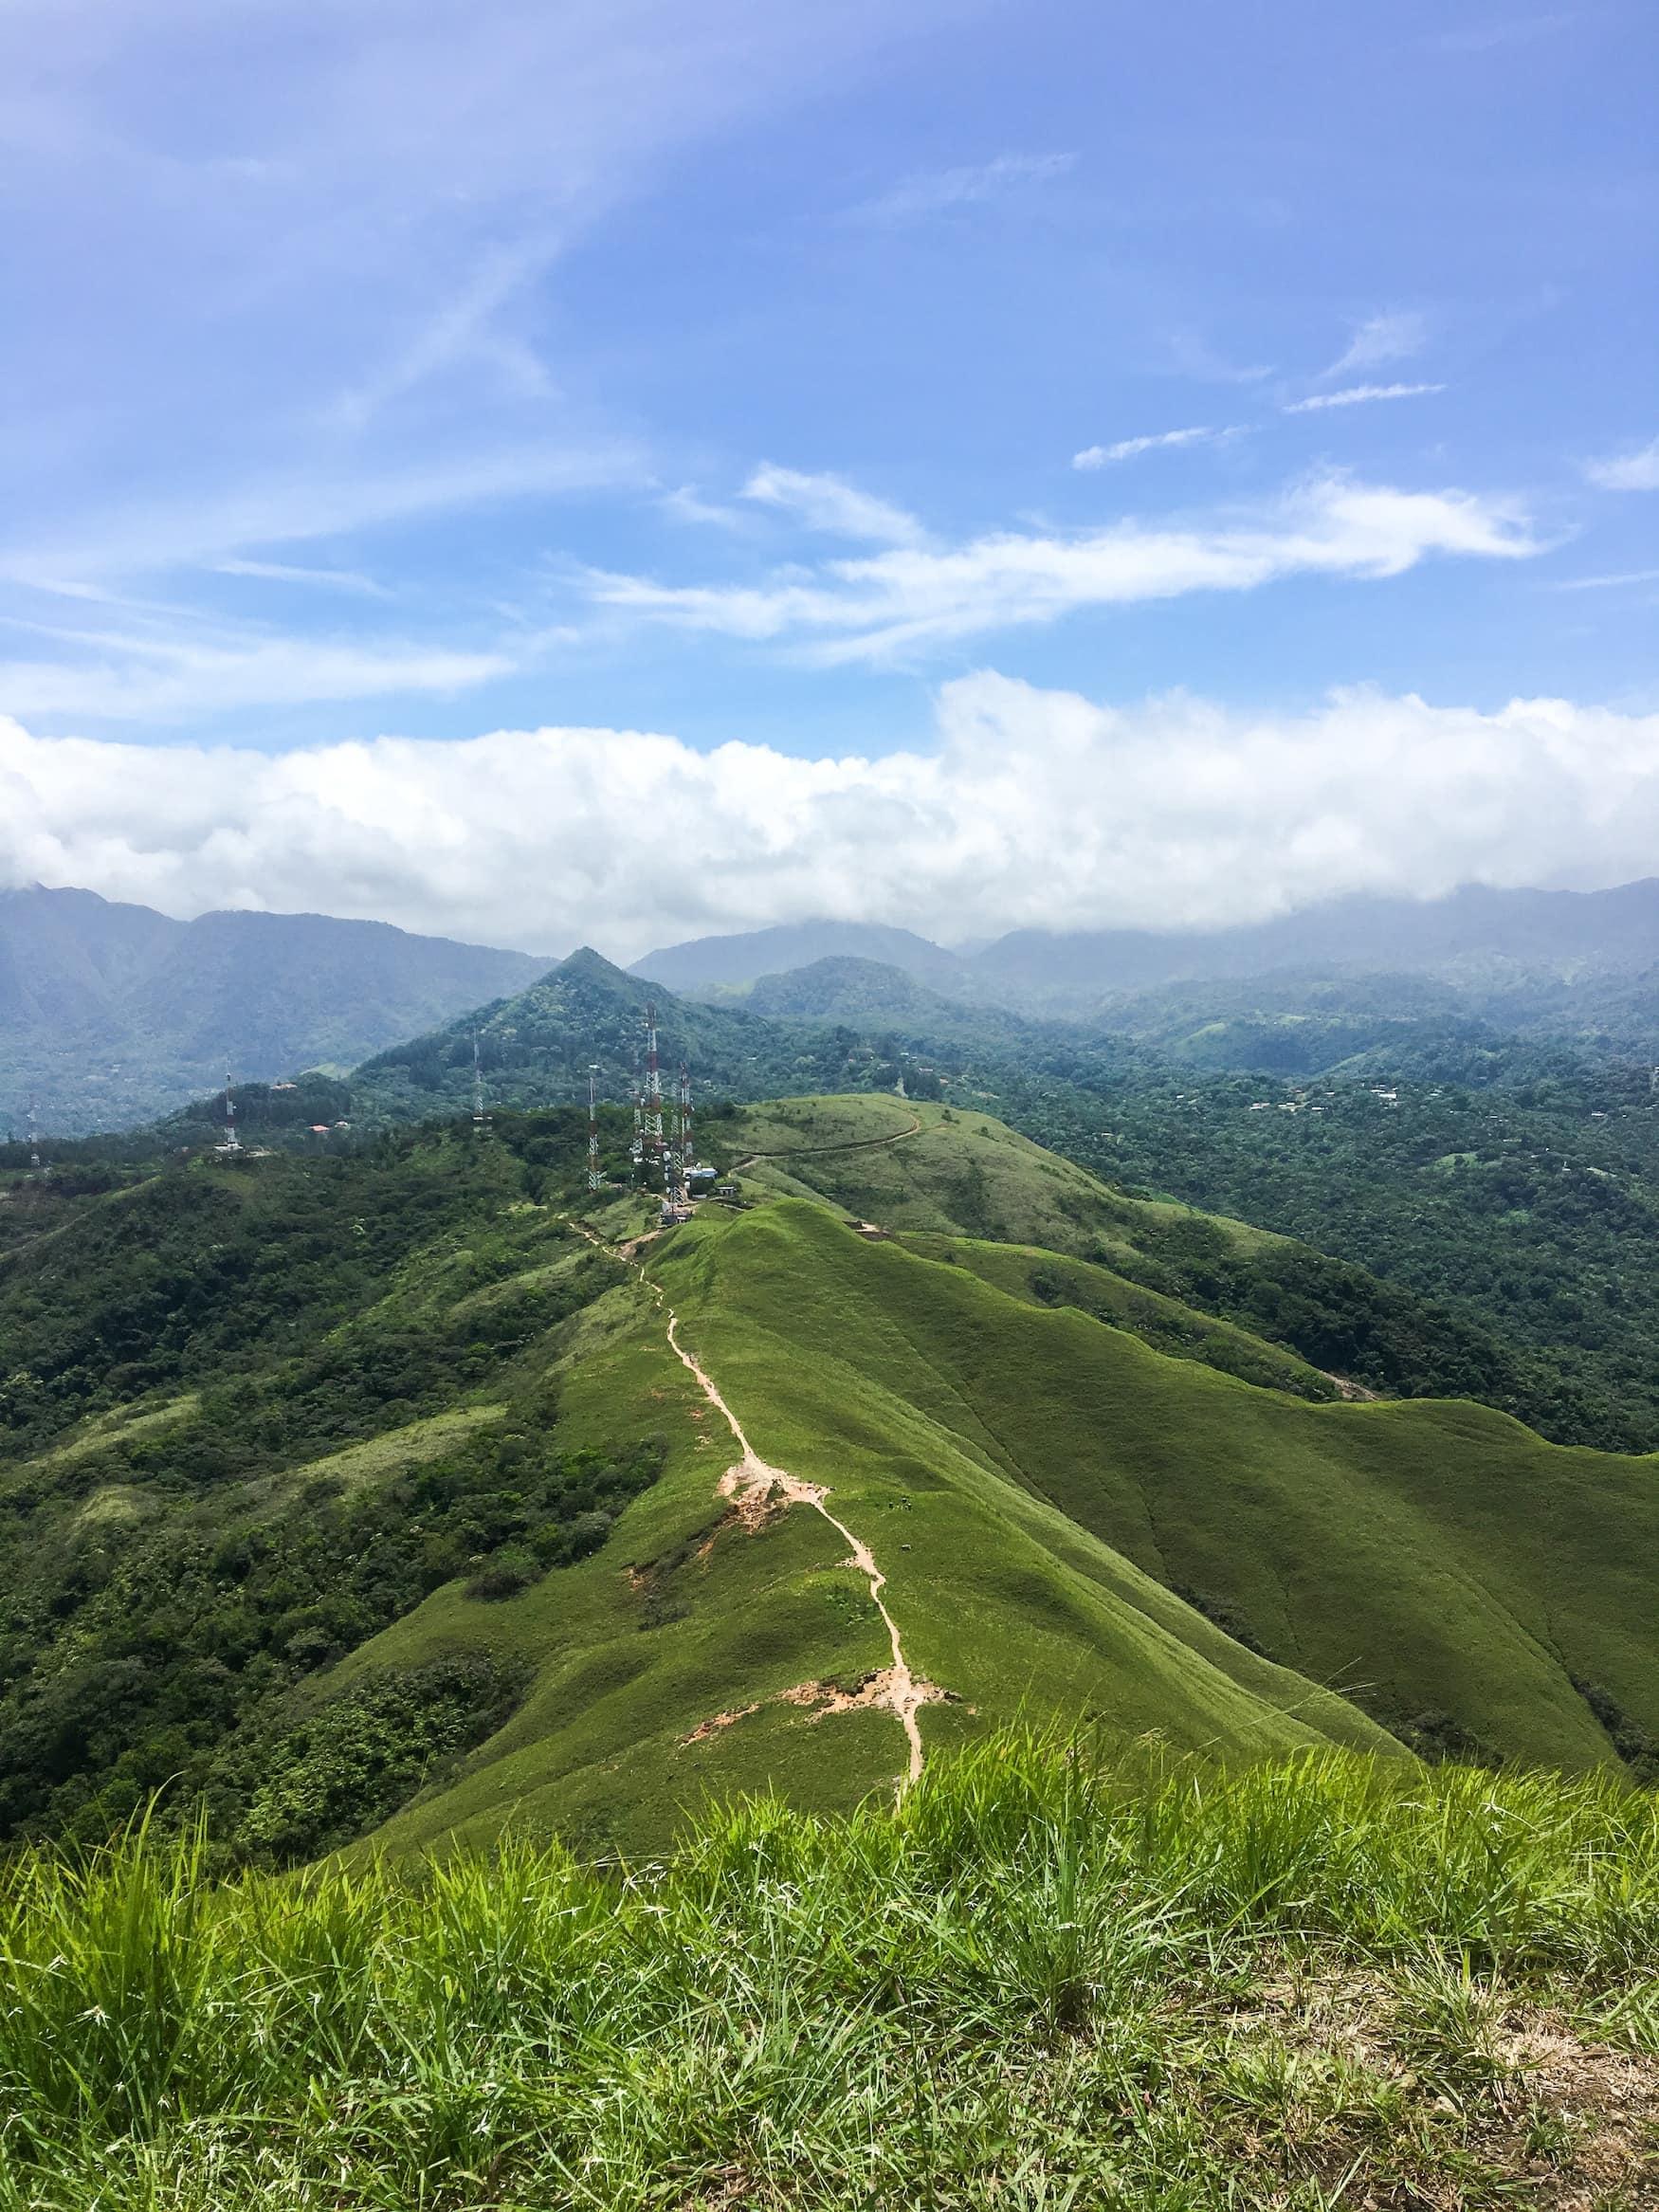 Cerro la Silla in El Valle de Anton, Panama